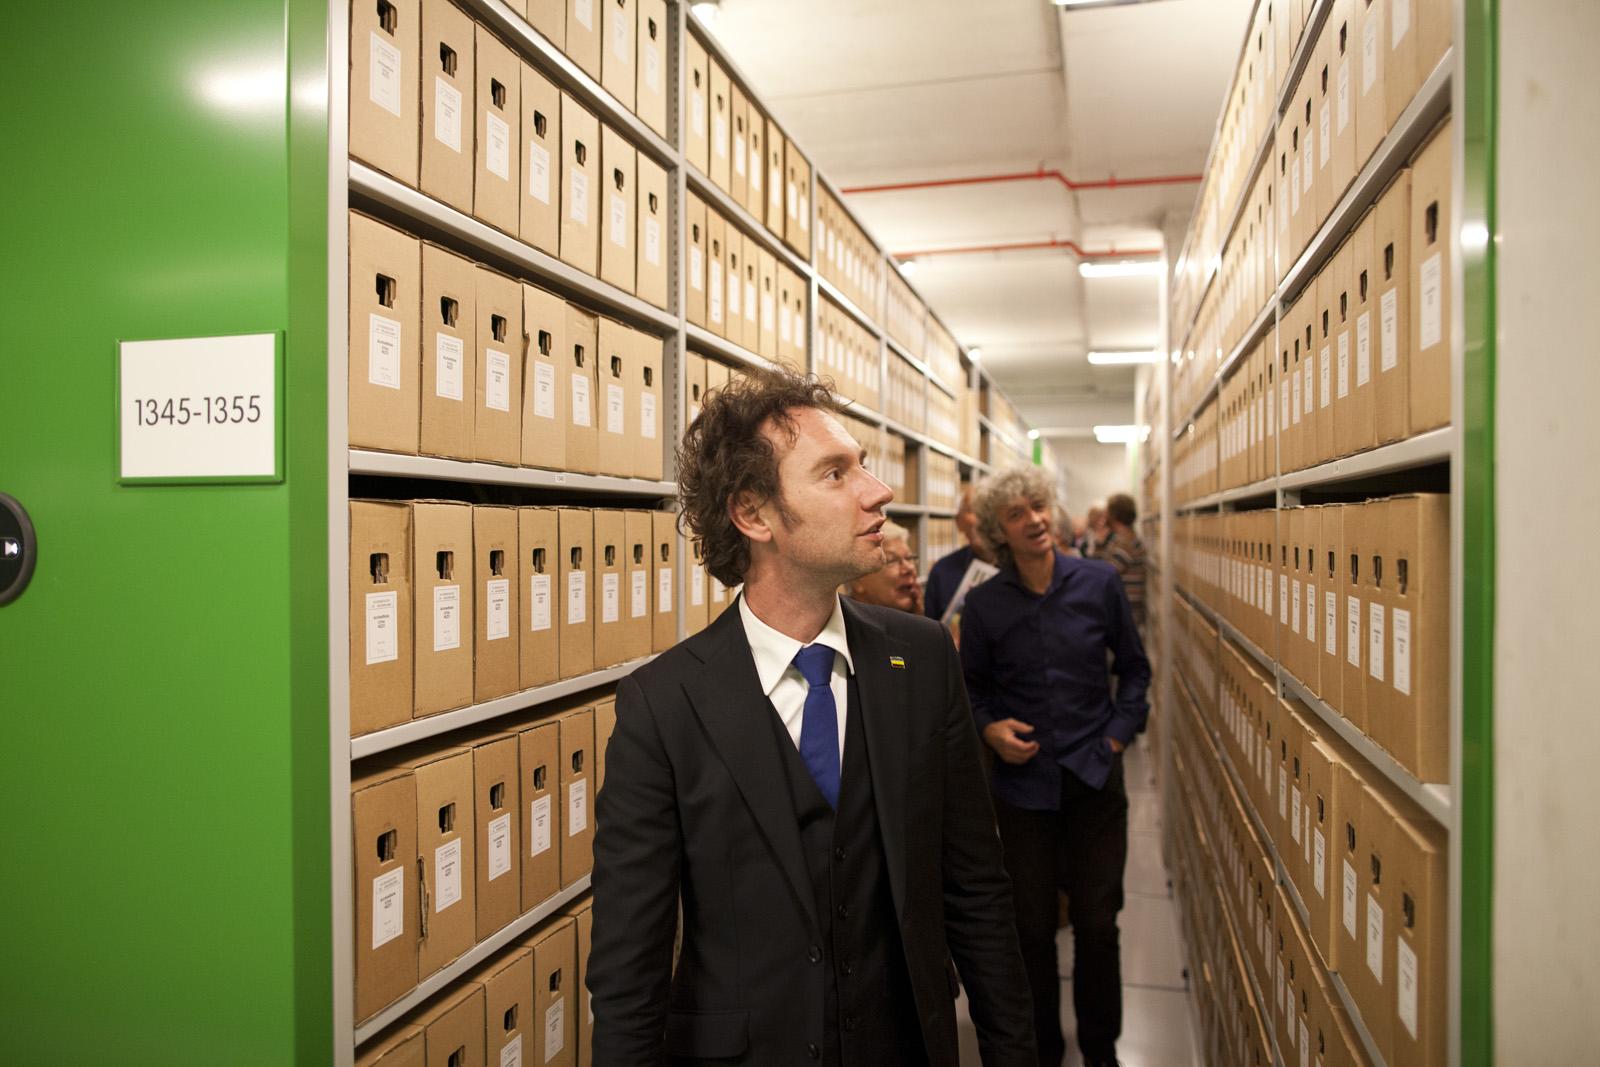 Gefascineerd door de enorme hoeveelheid archieven